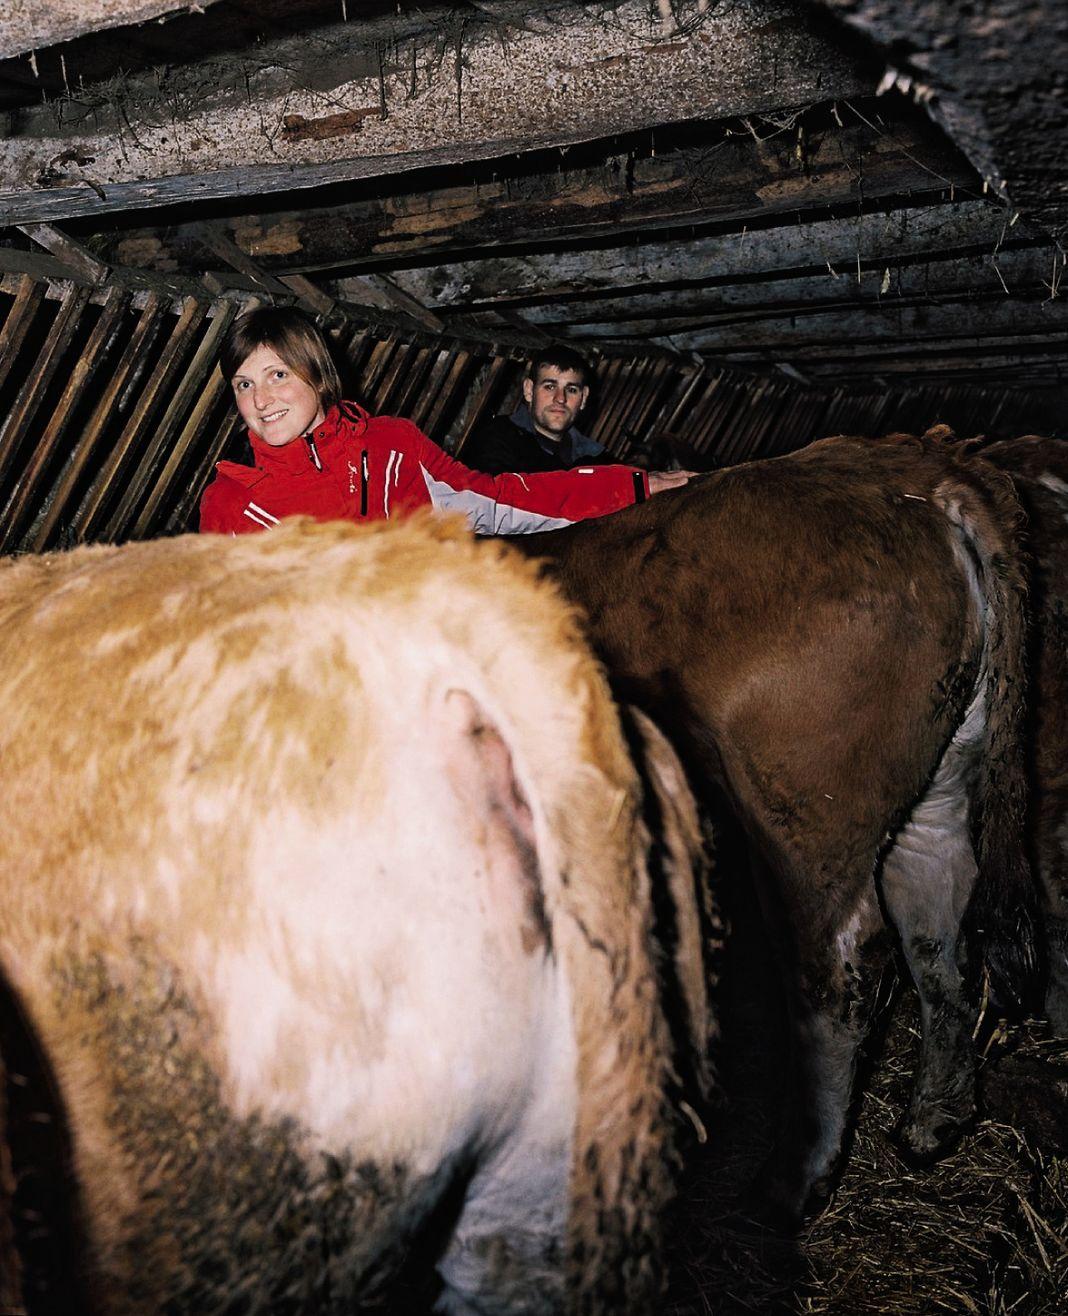 Isabelle et Cyril sont éleveurs près de Châteauneuf-de-Randon. Le couple dépend des réseaux sociaux pour la vente directe et pour poster des photos de leur exploitation. Ce qu'Isabelle appelle de la«communication positive».